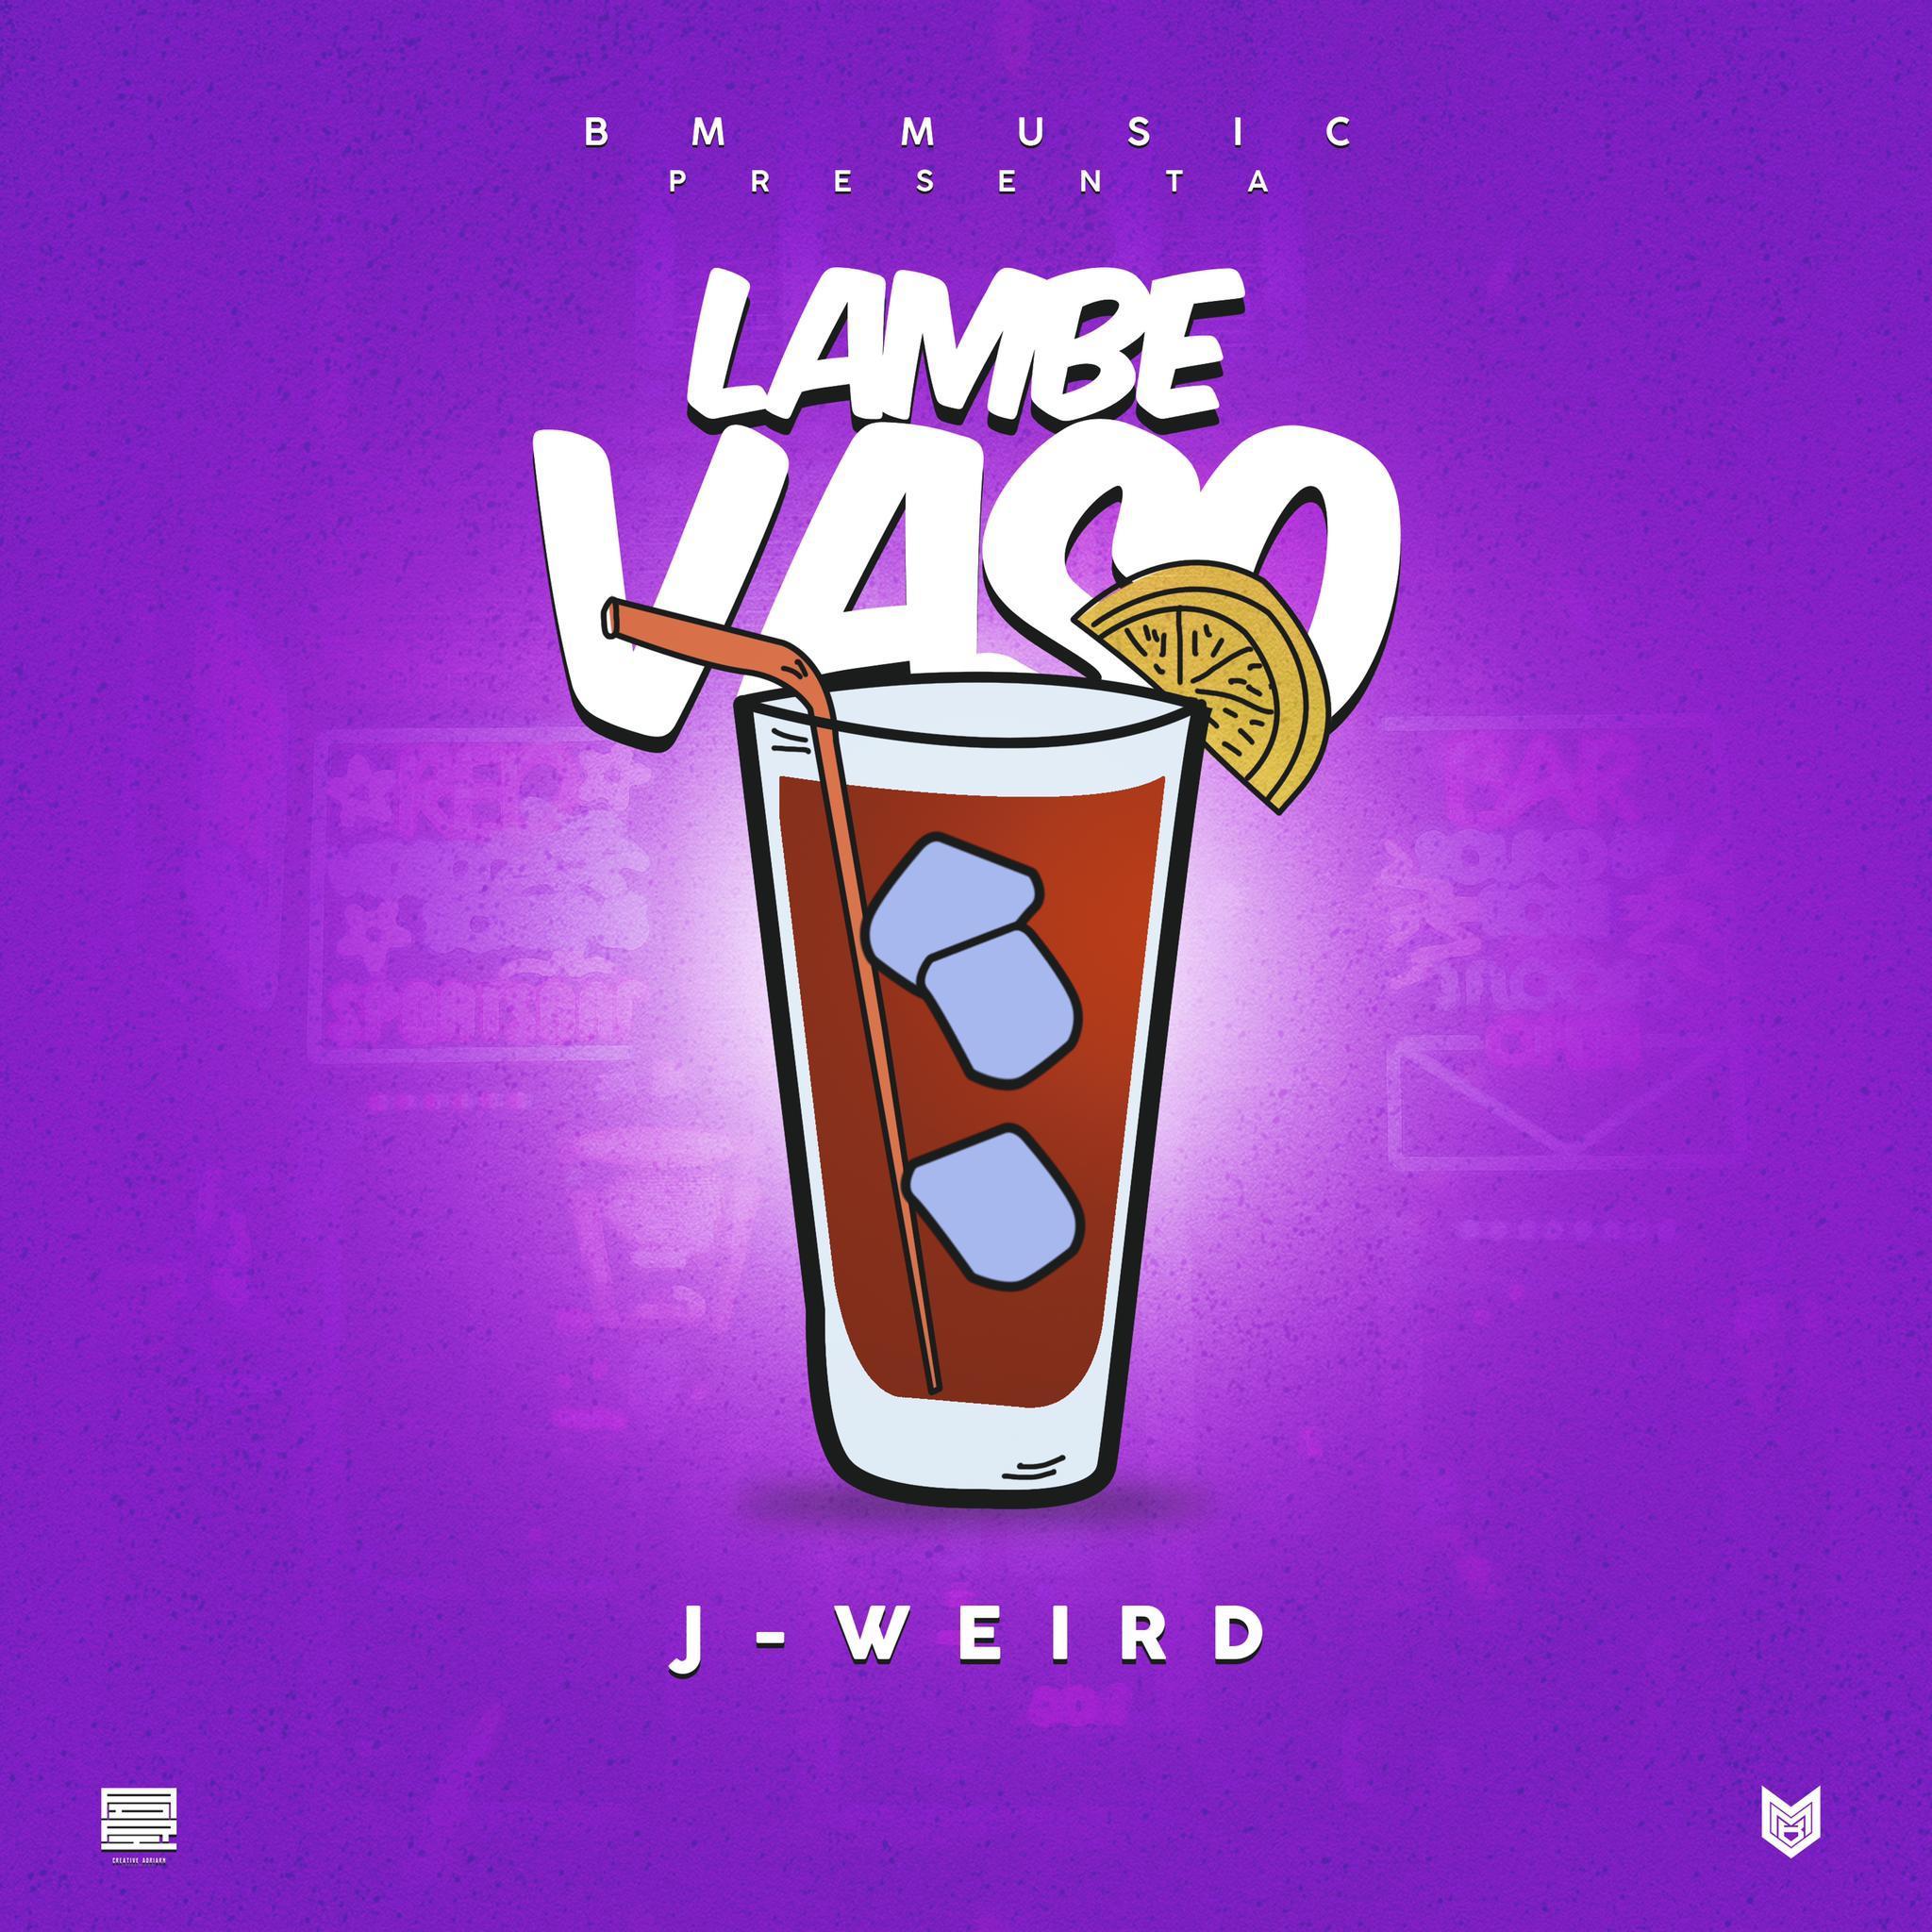 J WEIRD – LAMBE VASO